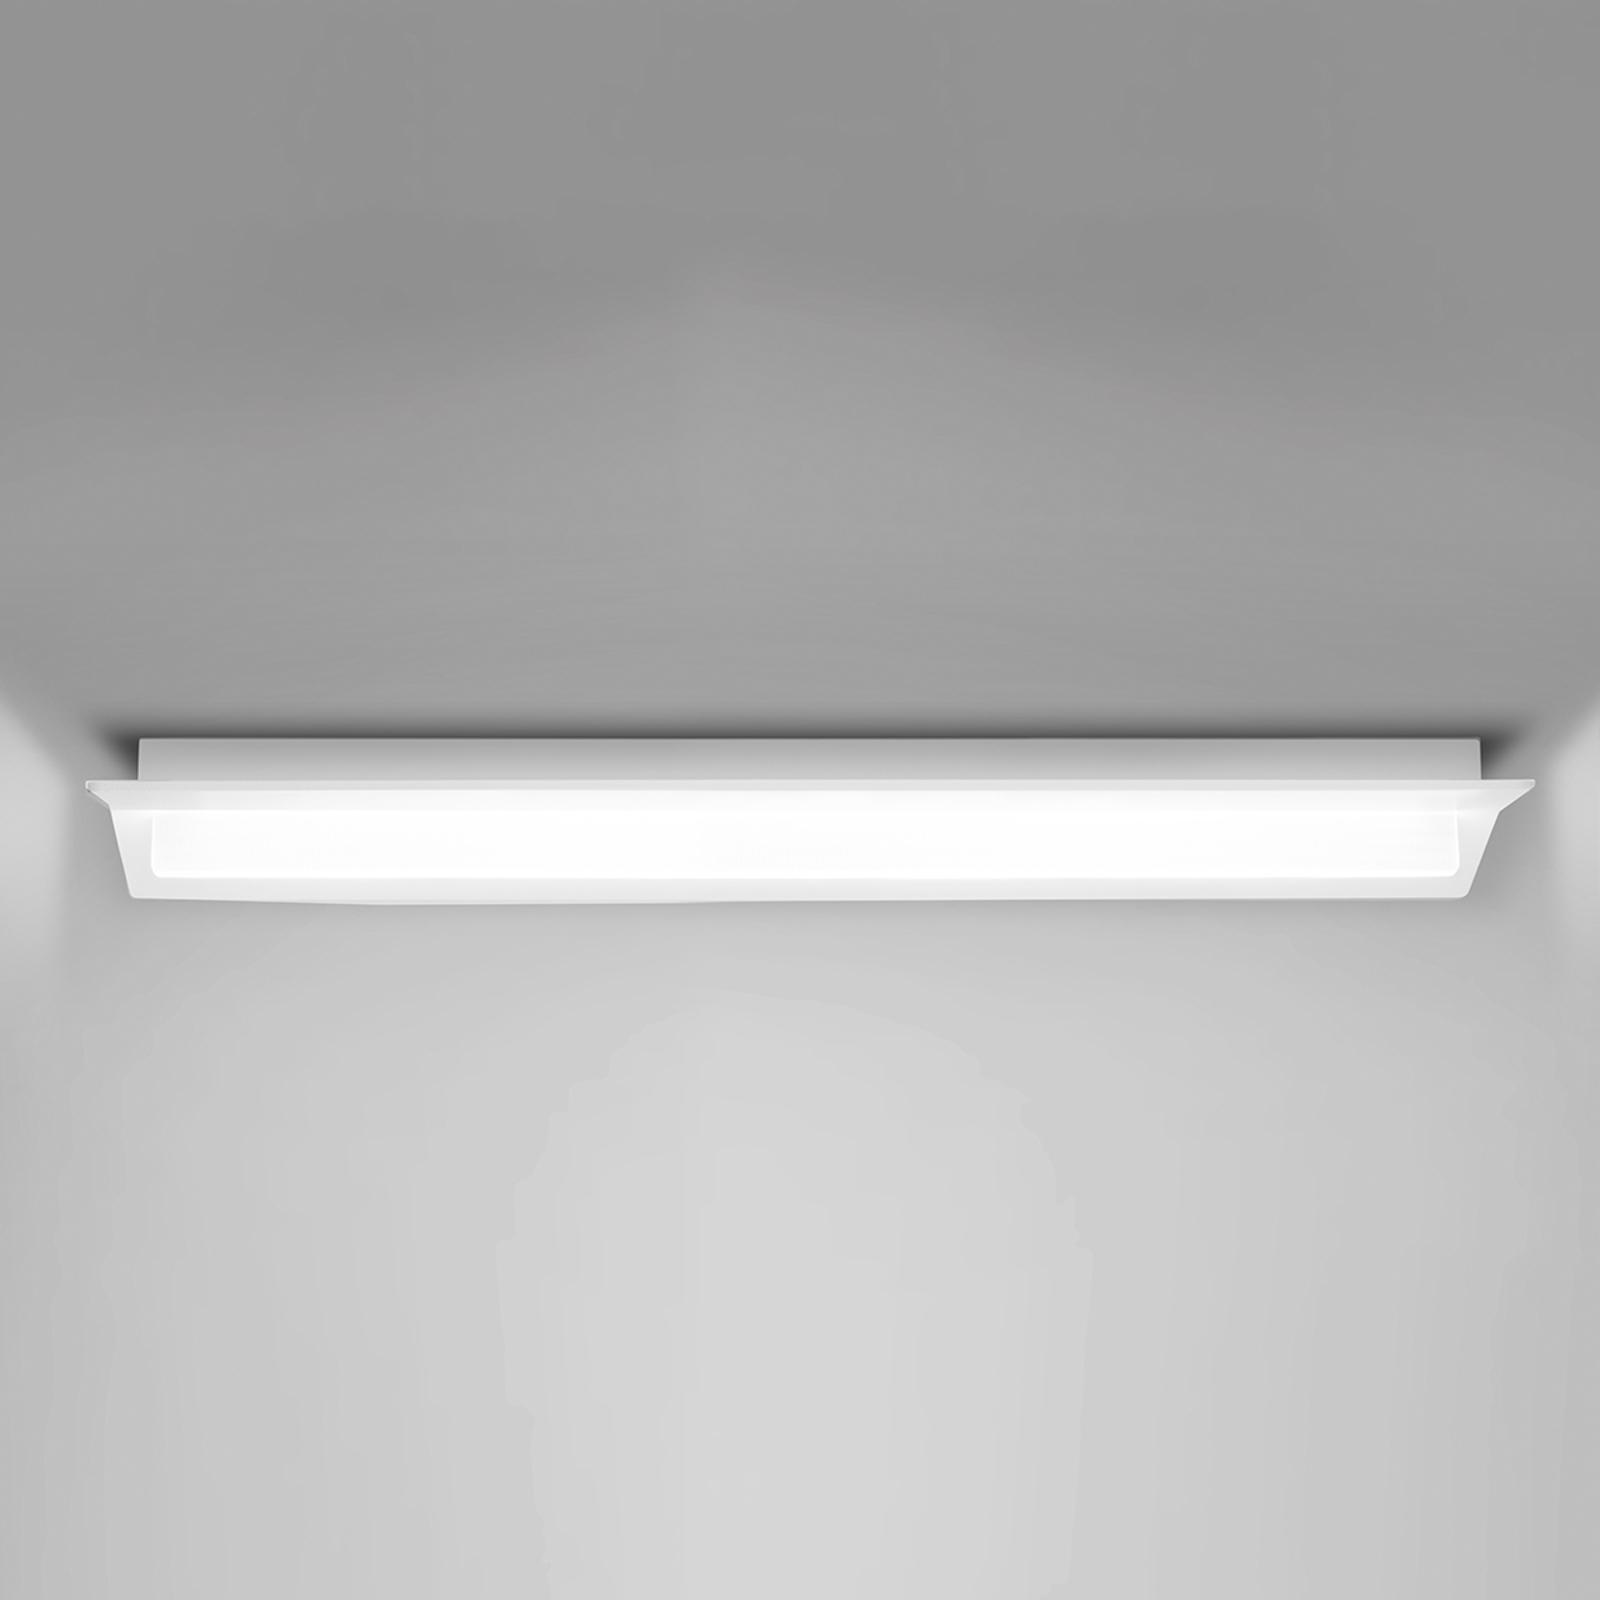 LED-Deckenleuchte Flurry, 100 cm, weiß